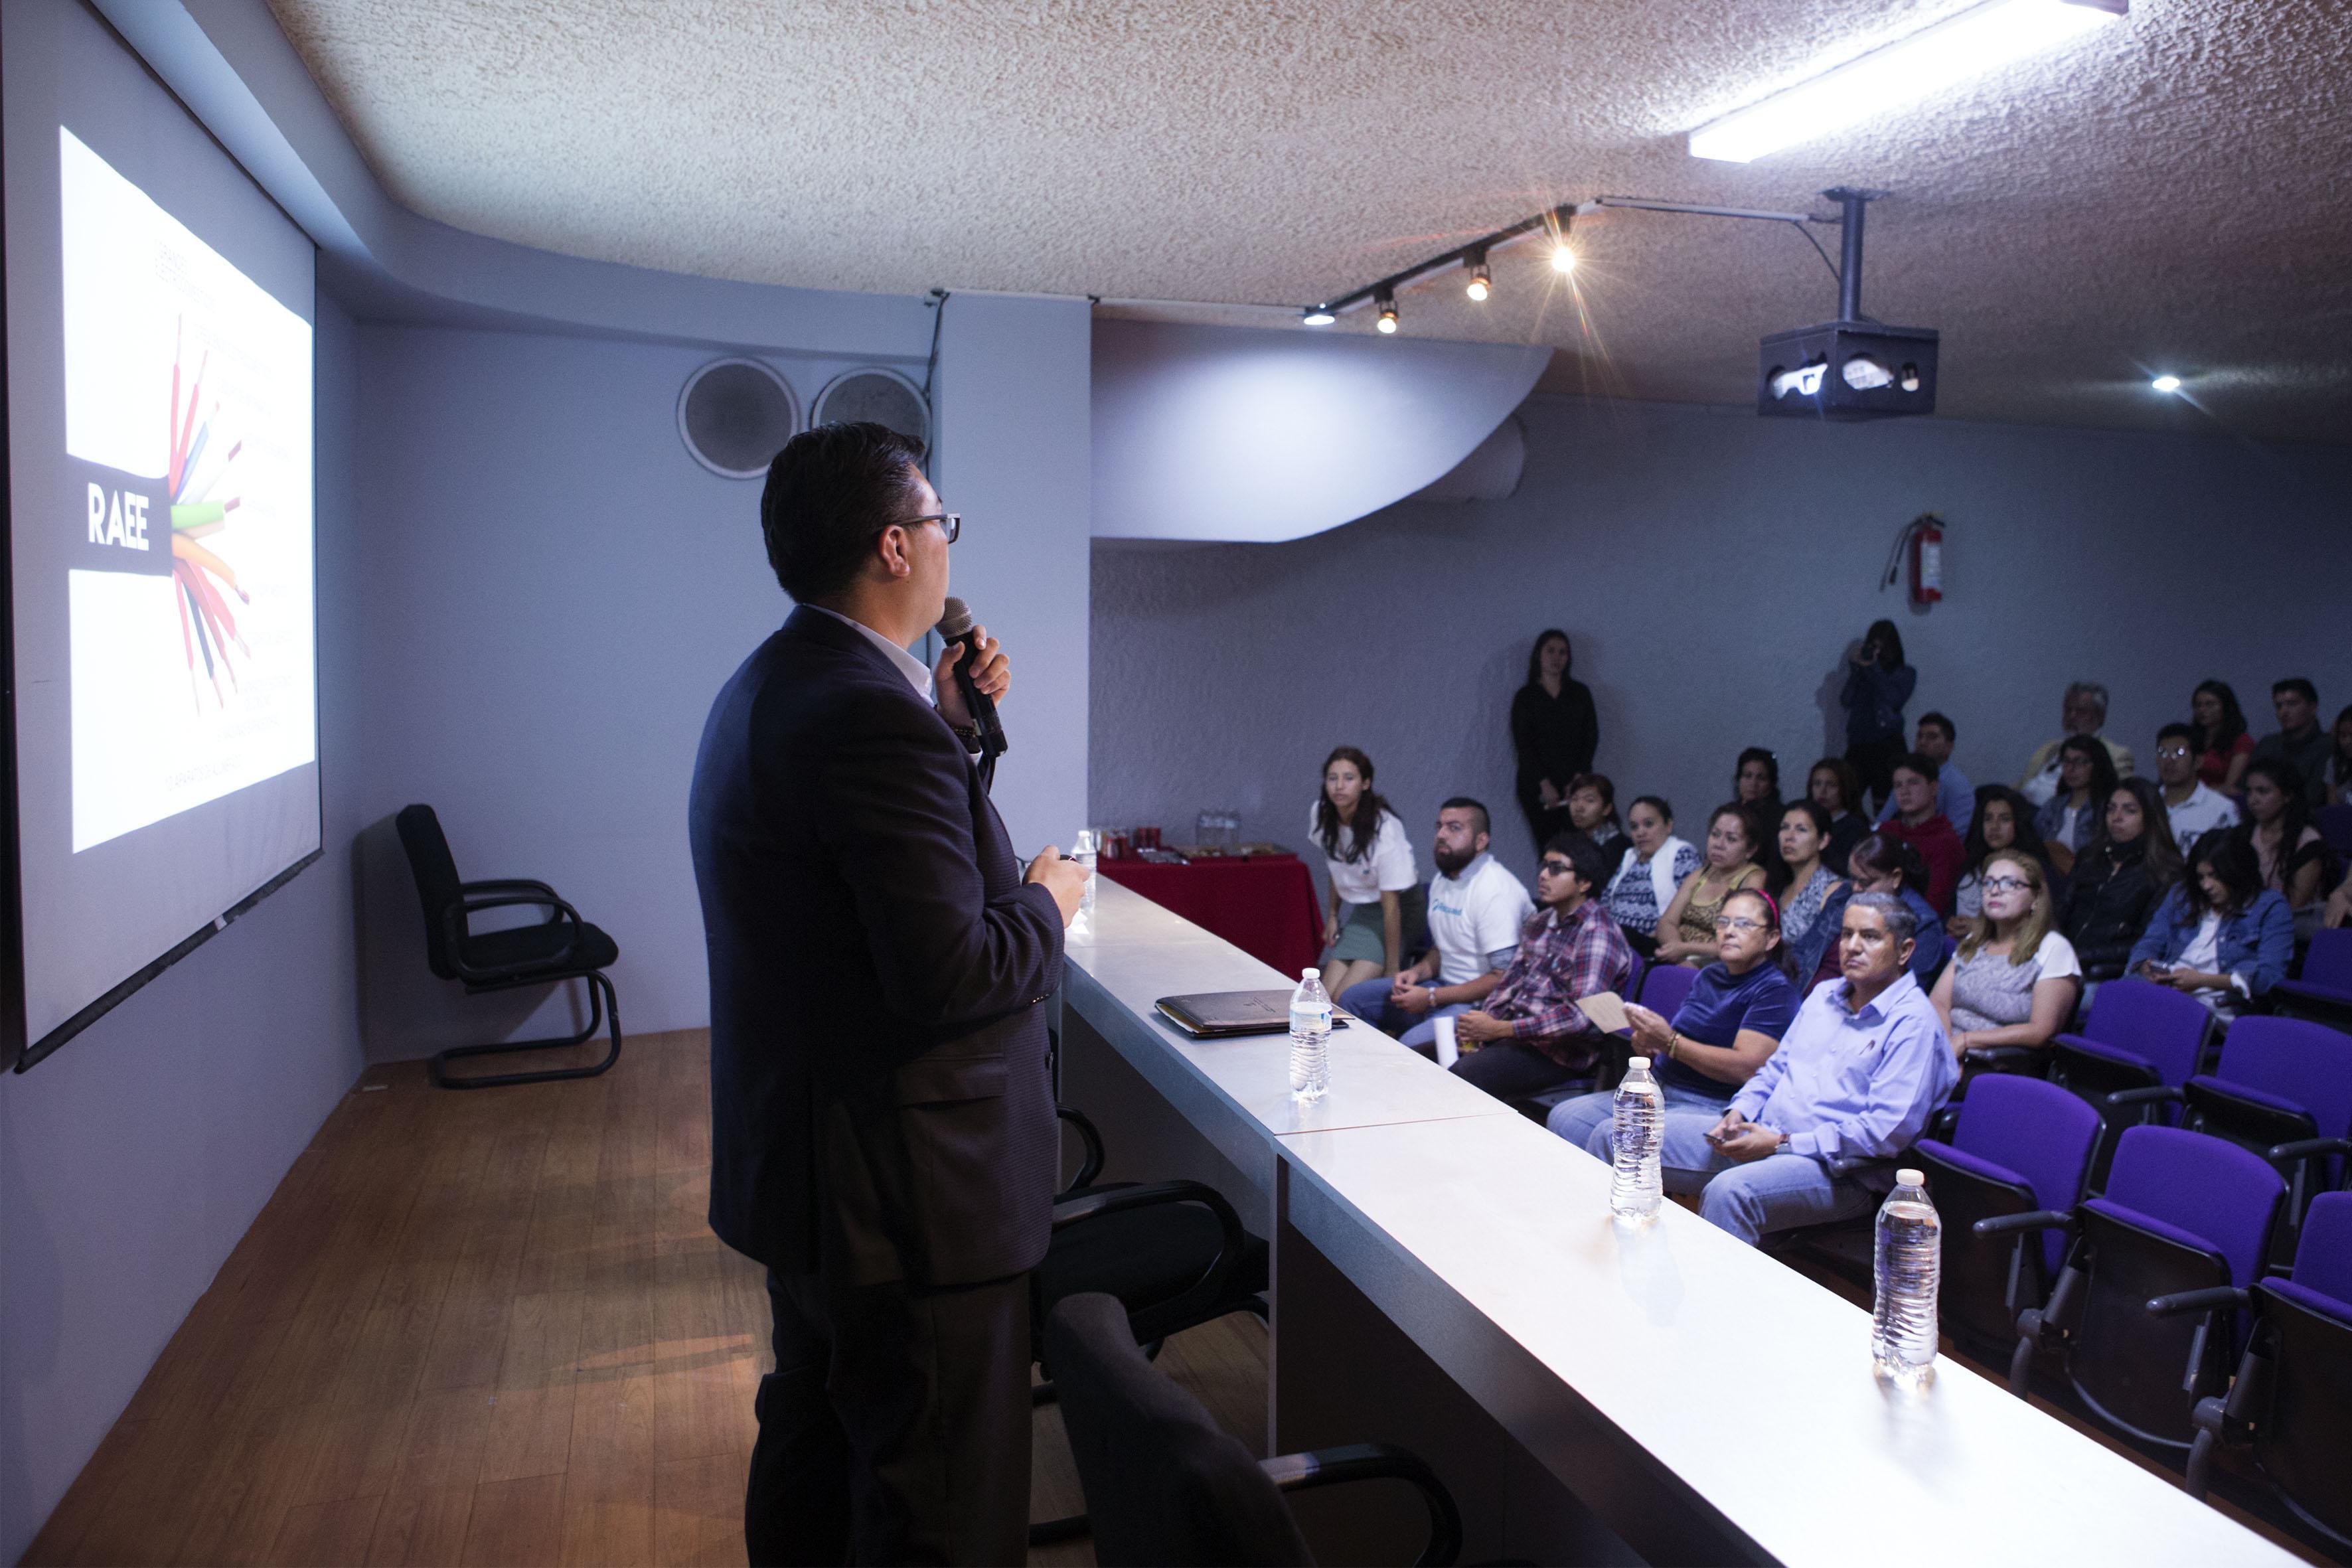 Doctor Luis Antonio García Villanueva, impartiendo conferencia, en el marco del ciclo de conferencias sobre medio ambiente y energía del programa Resicuaad.